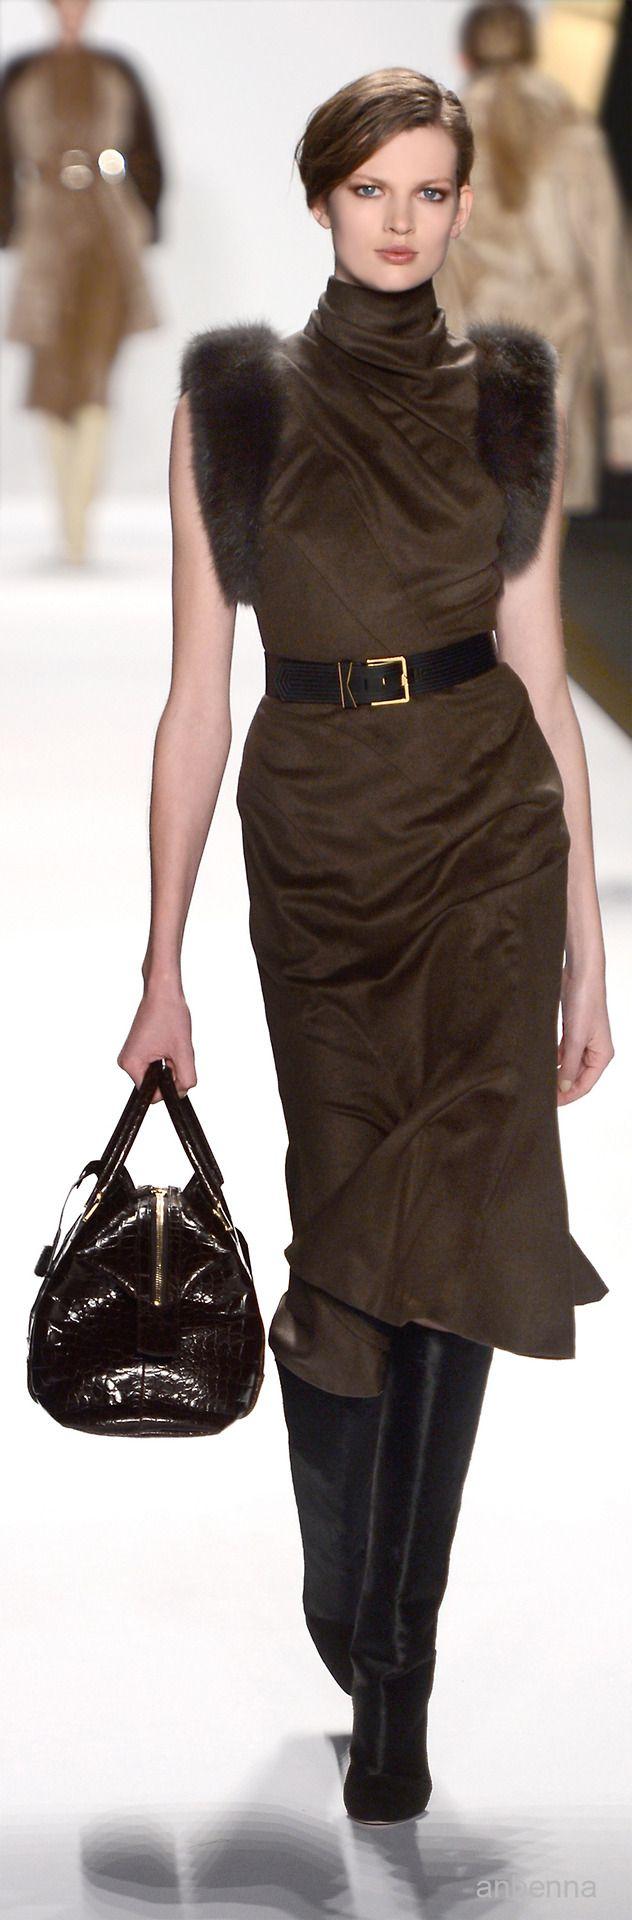 Brown silk dress with fur trim - J.Mendel